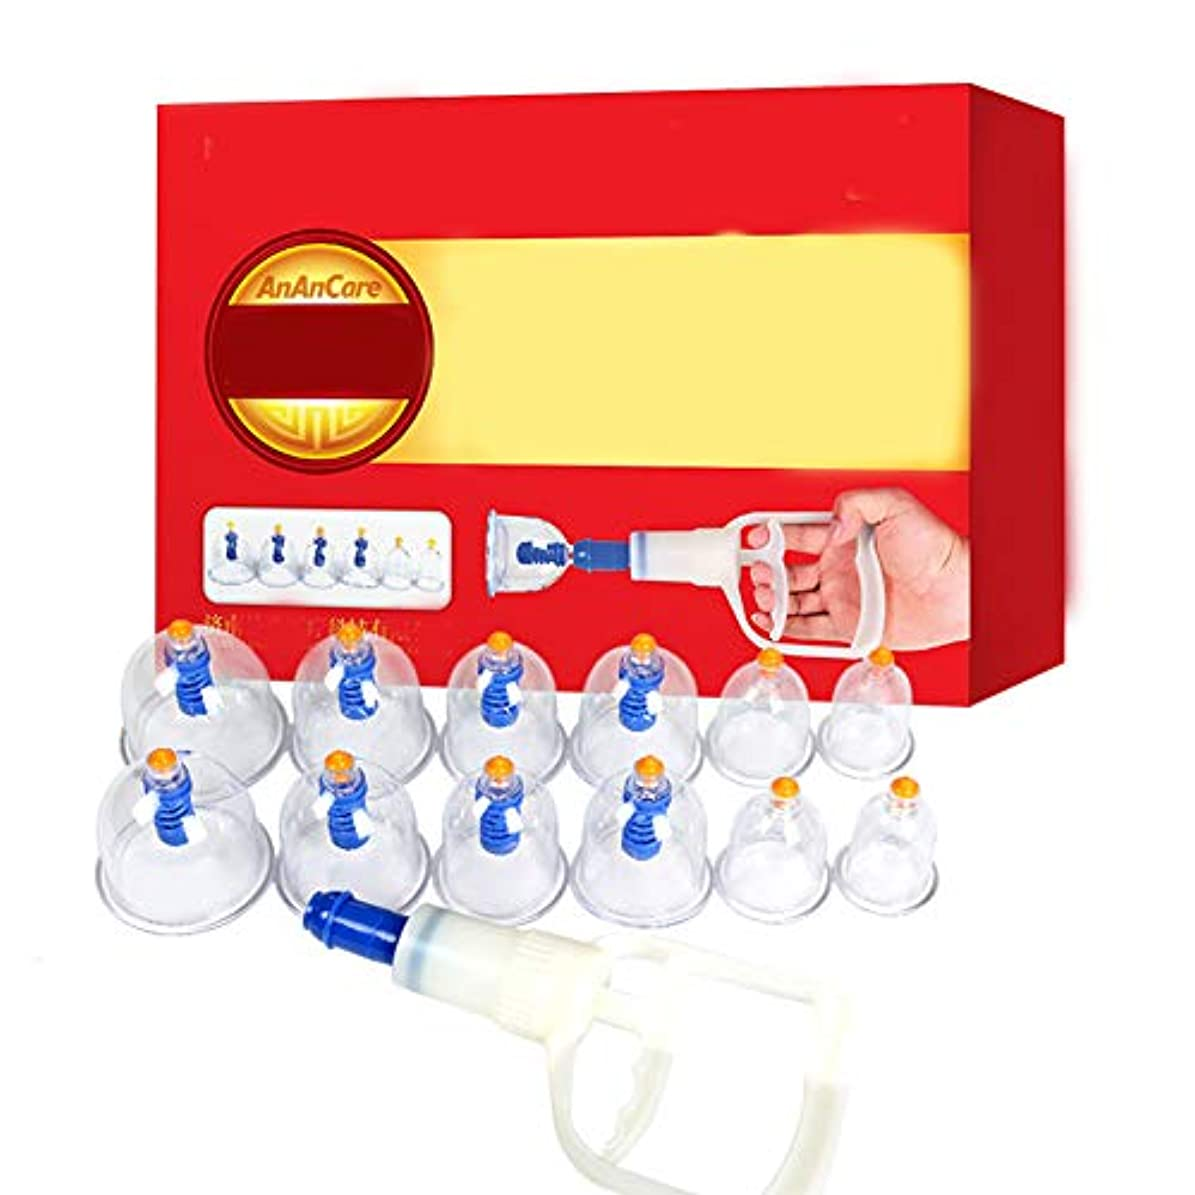 かどうかタオルファランクス12カップマッサージカッピングセット、真空吸引磁気ポンププロフェッショナル、ボディマッサージの痛みを軽減する理学療法ポンプガン延長チューブで毒素を排出